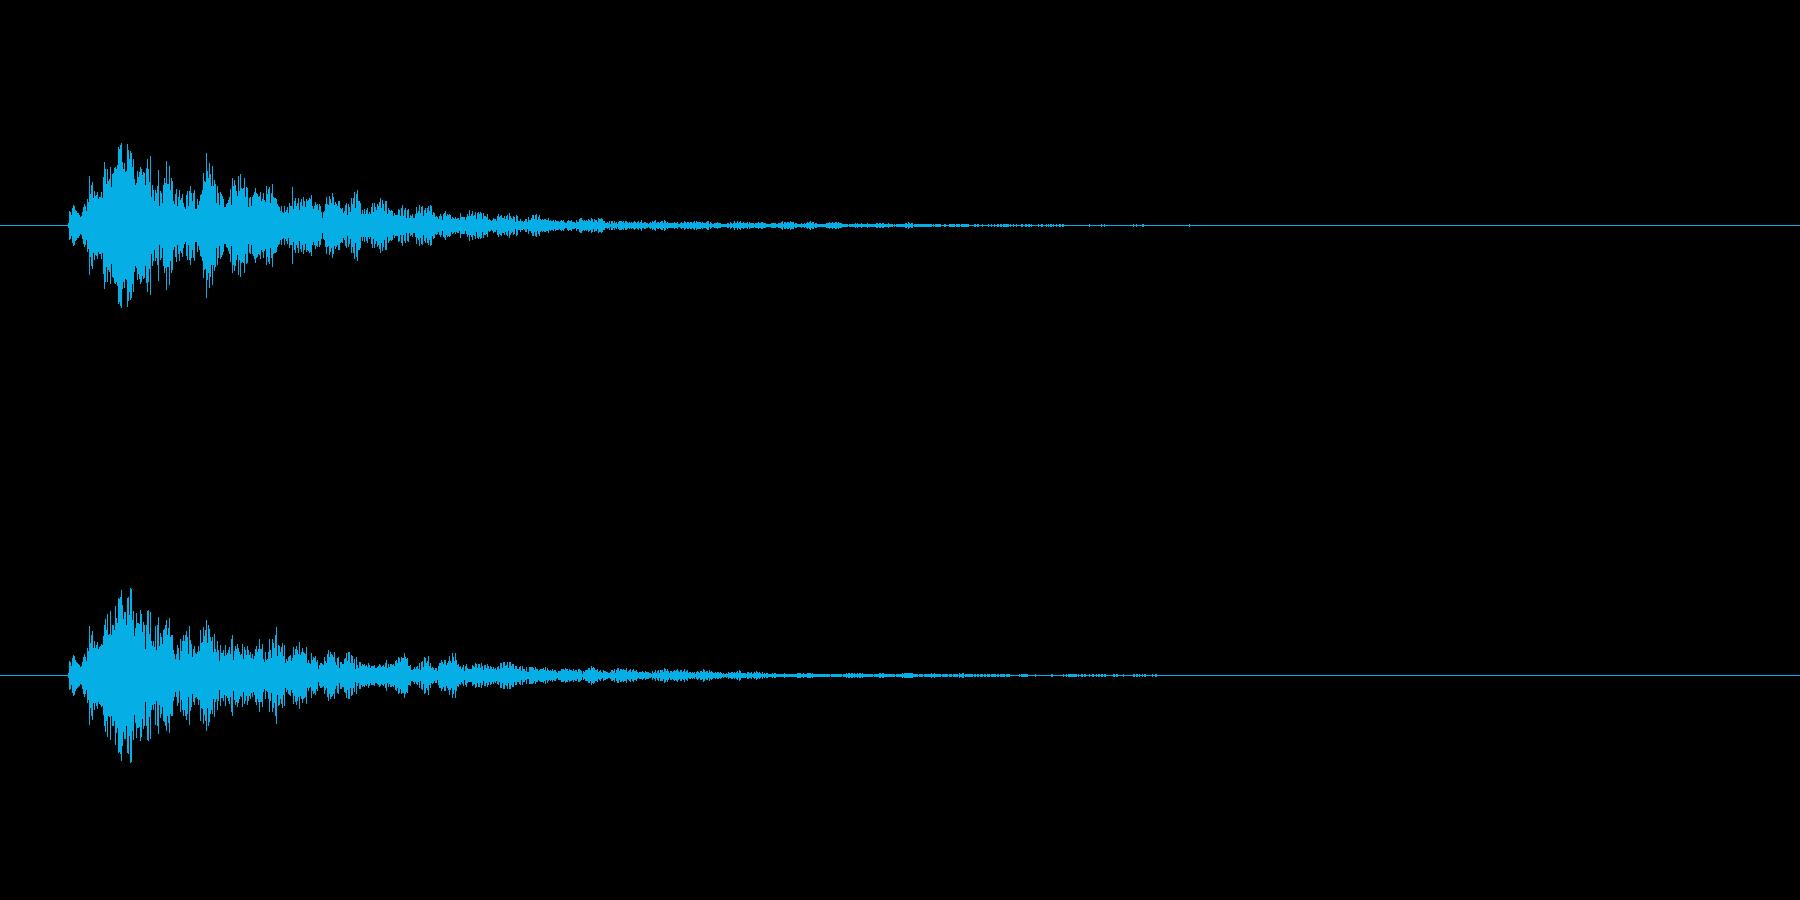 【スポットライト01-1】の再生済みの波形